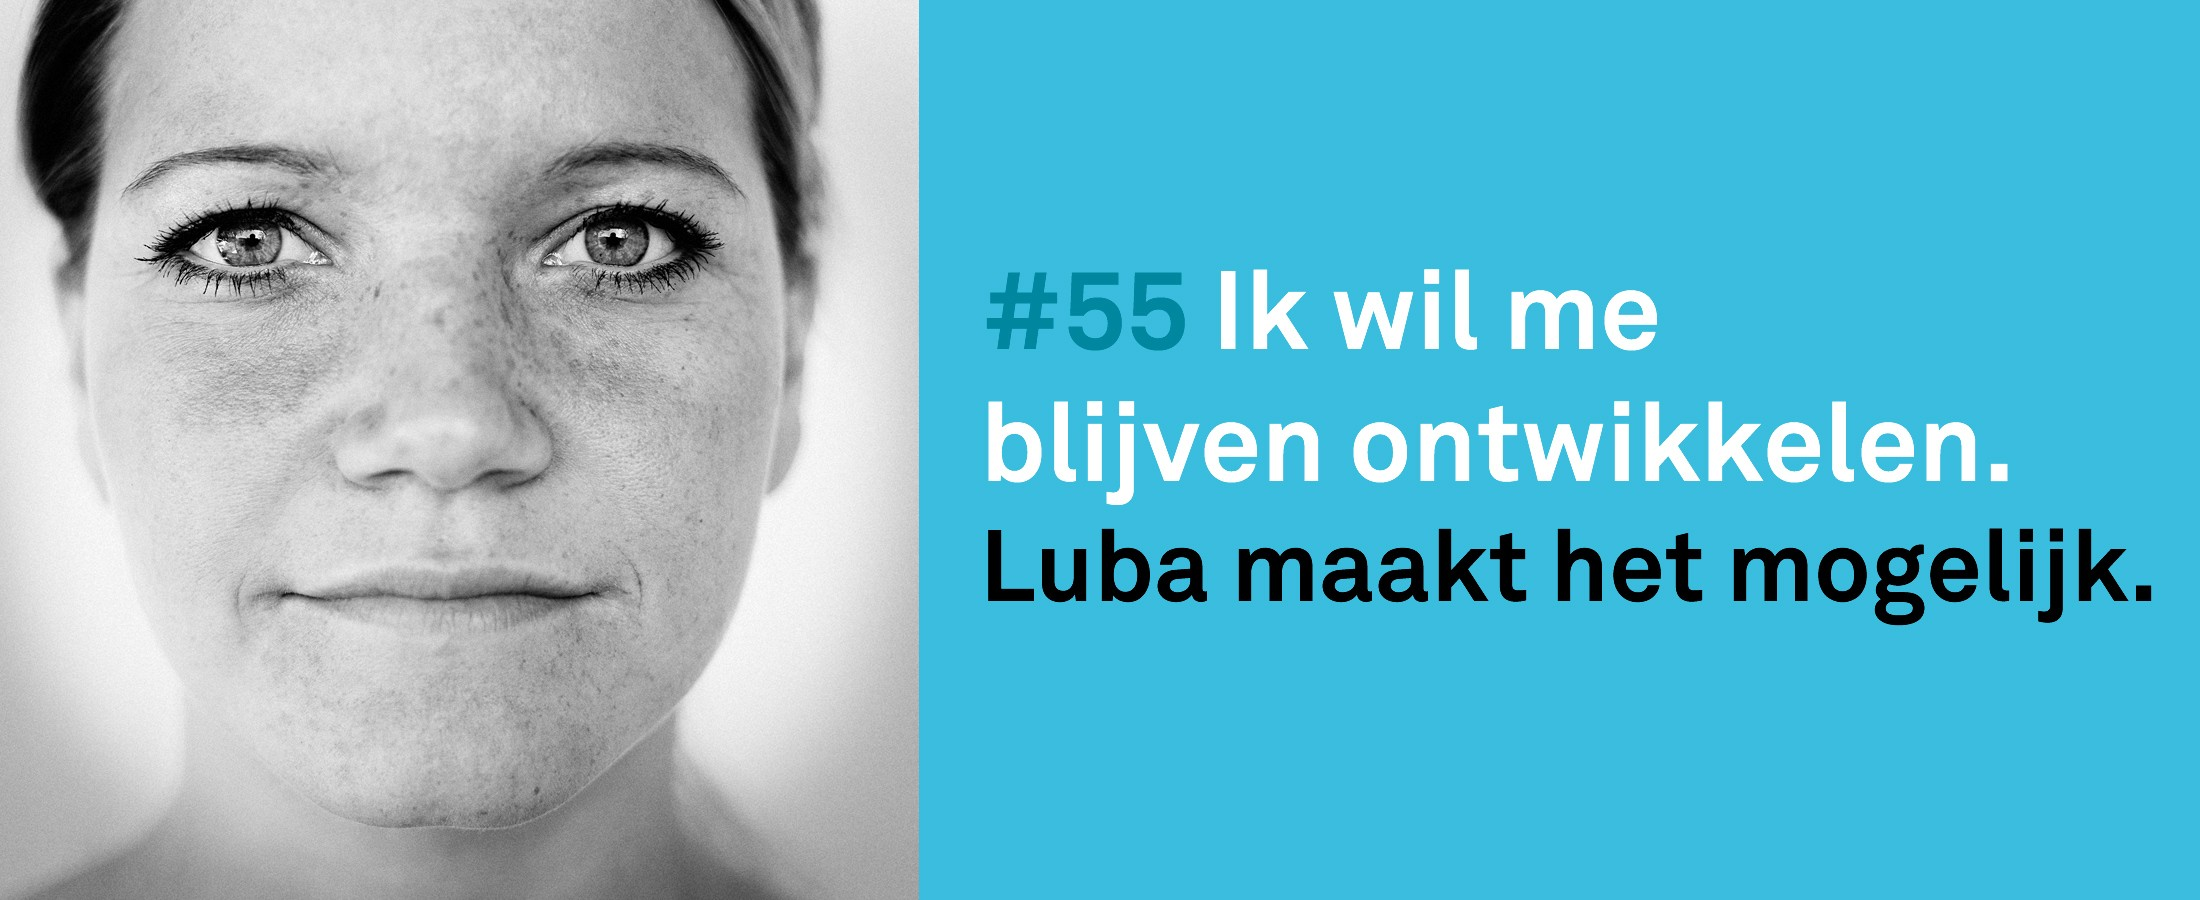 Zoek je een bedrijfscultuur die bij je past? Ontdek jouw match met Luba!